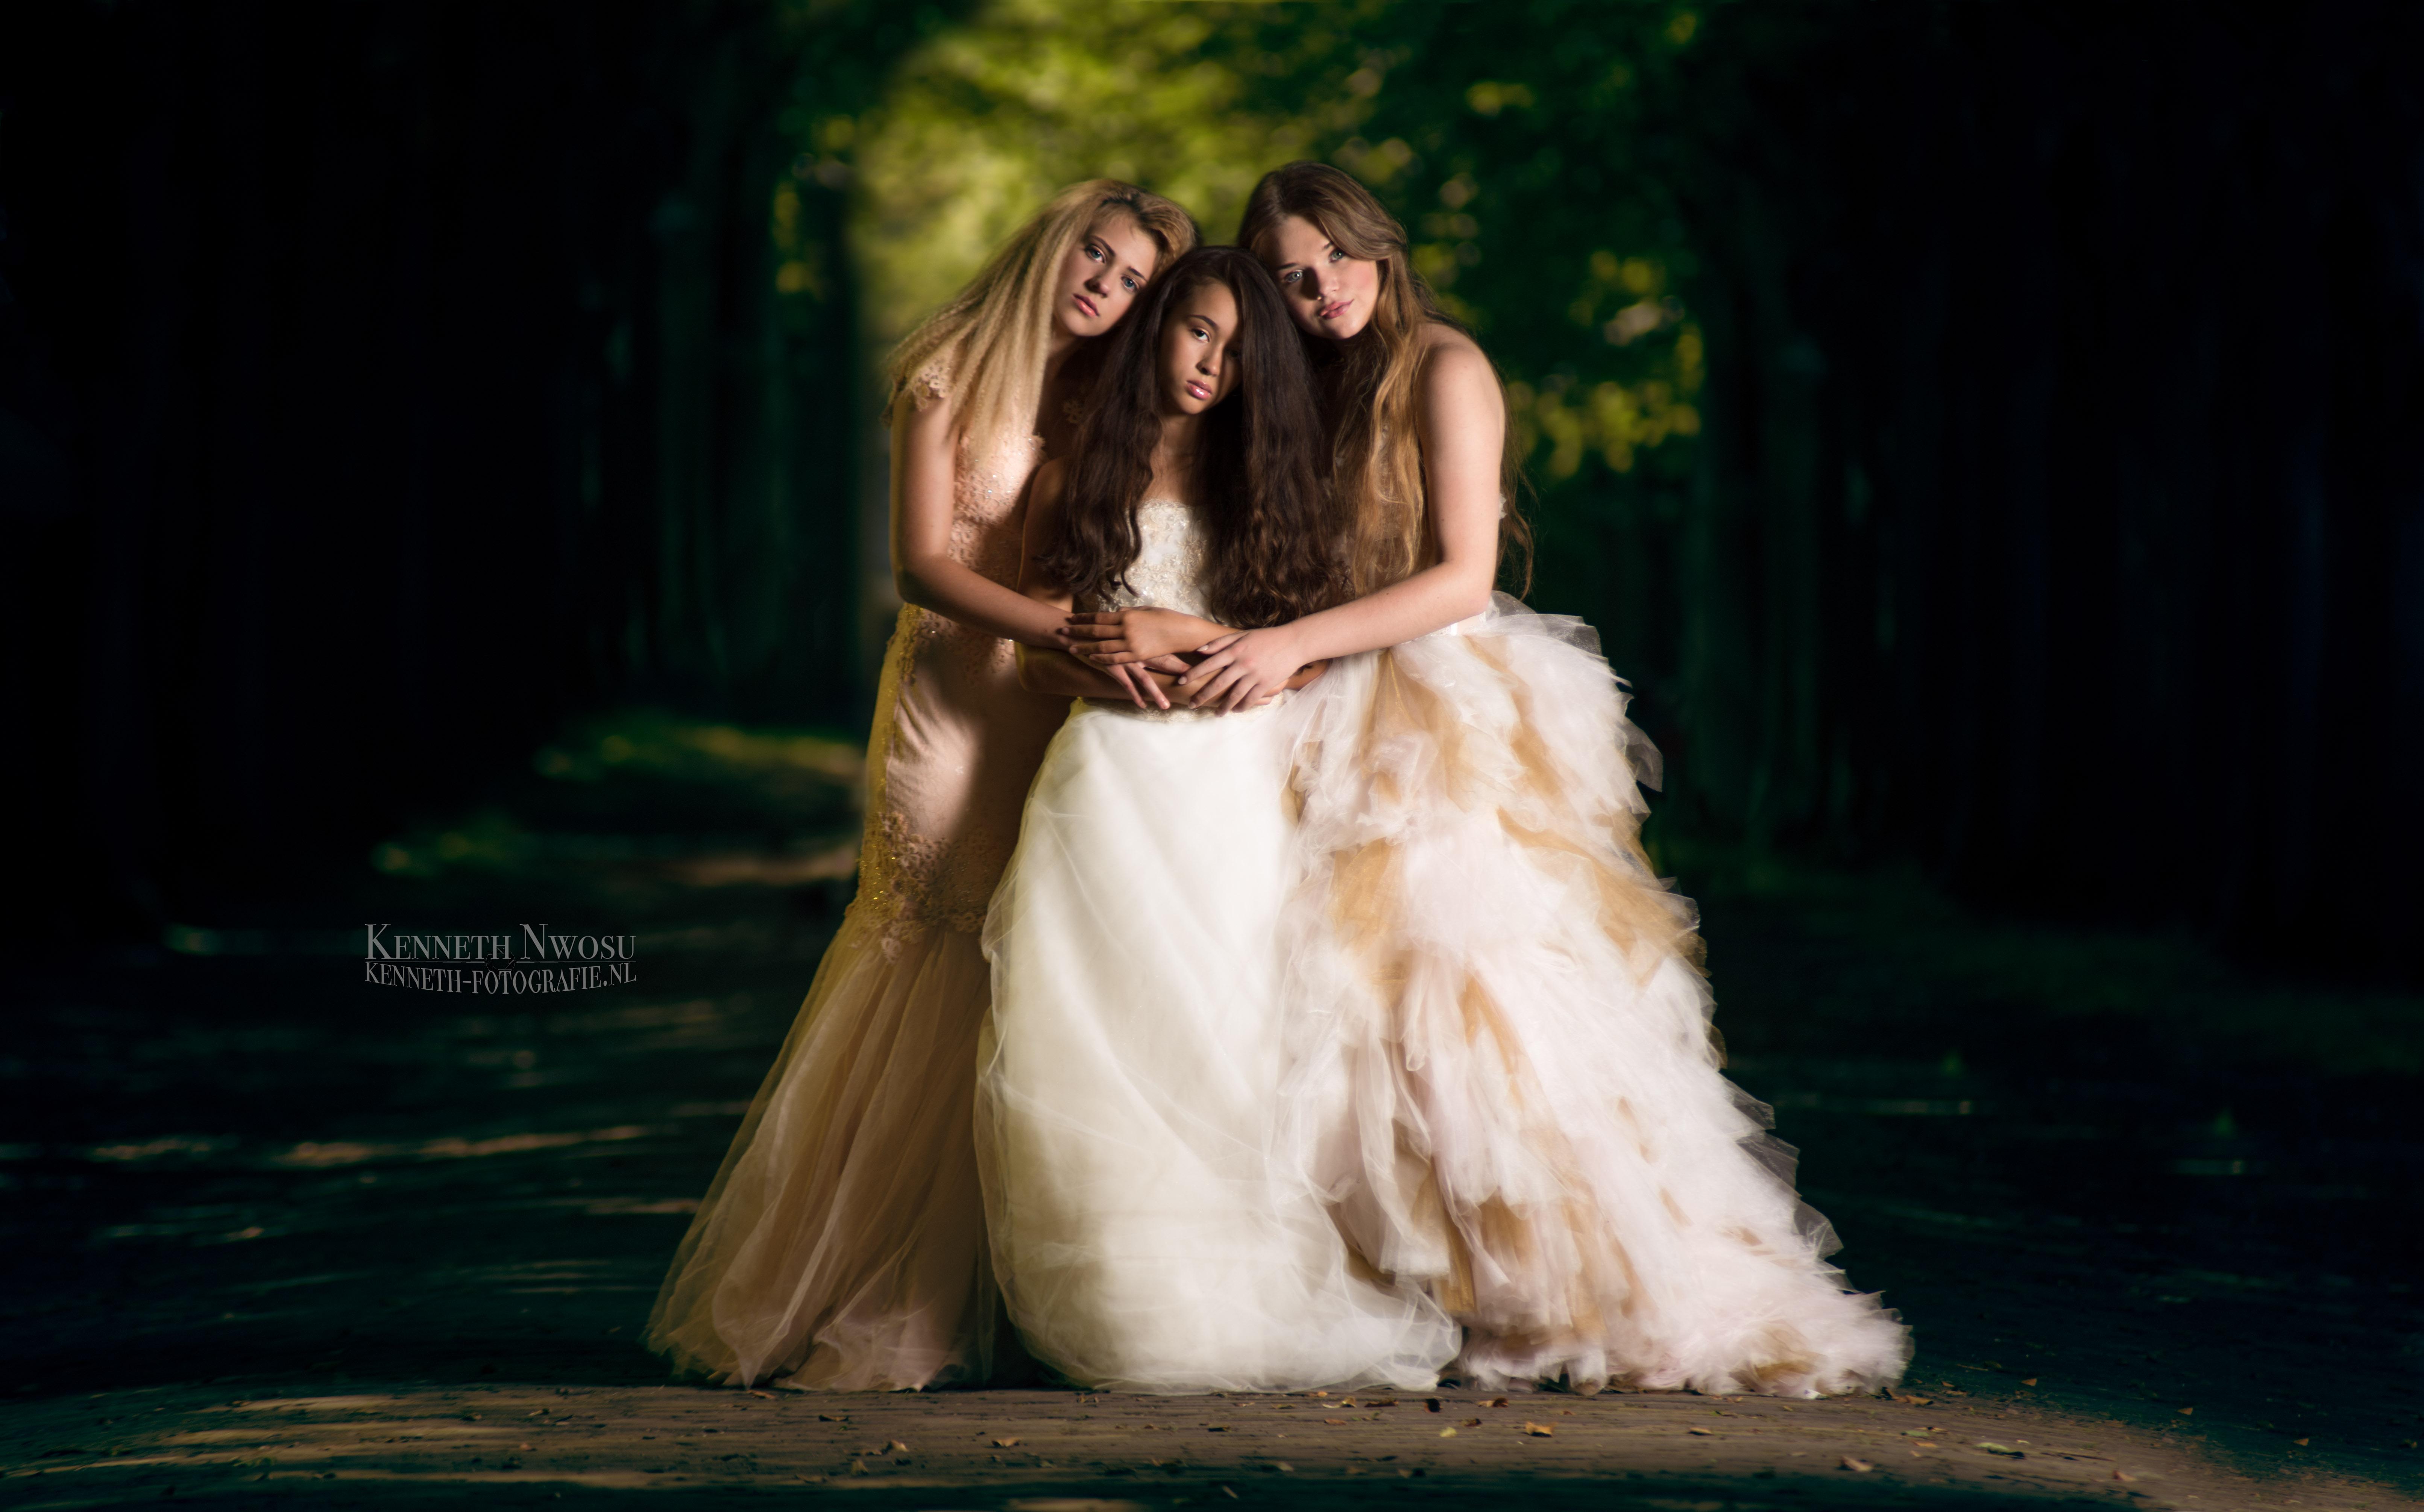 Fantasy photoshoot met Beau, Esmee en Chiara